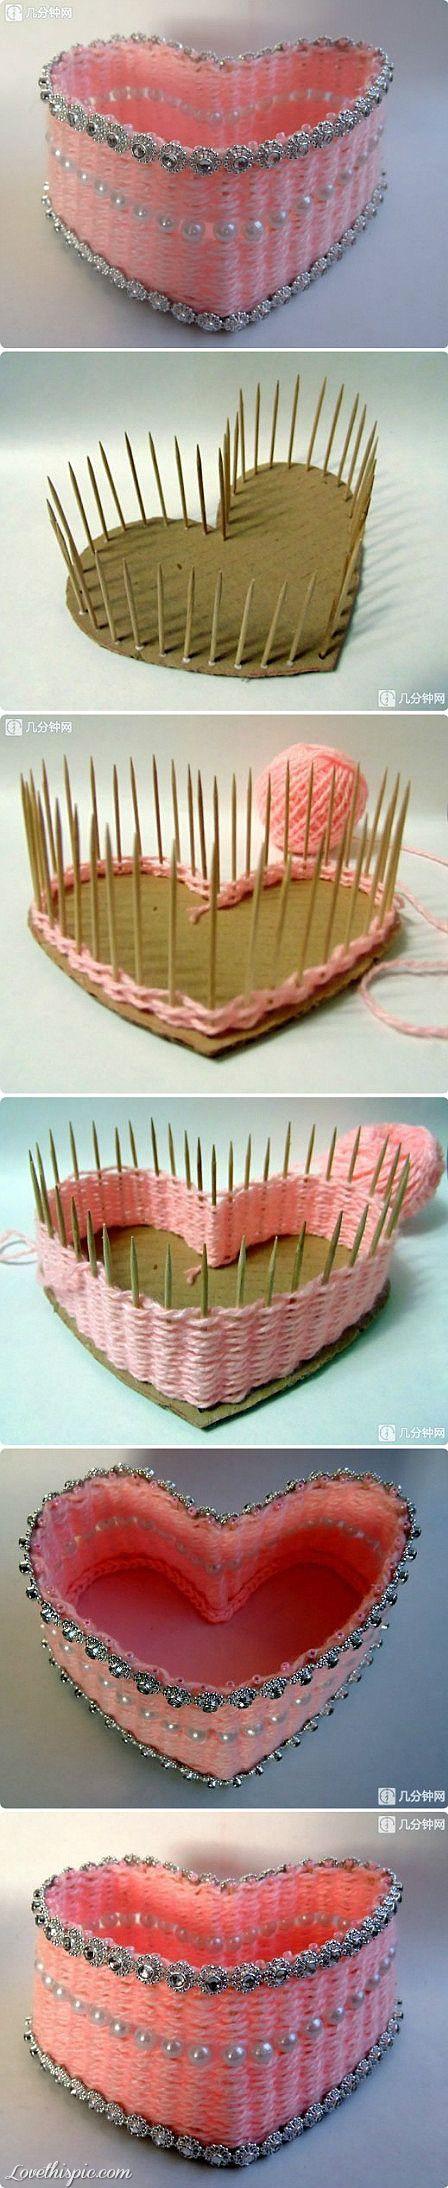 Idée cadeau fête des mères : cœur rose en laine: